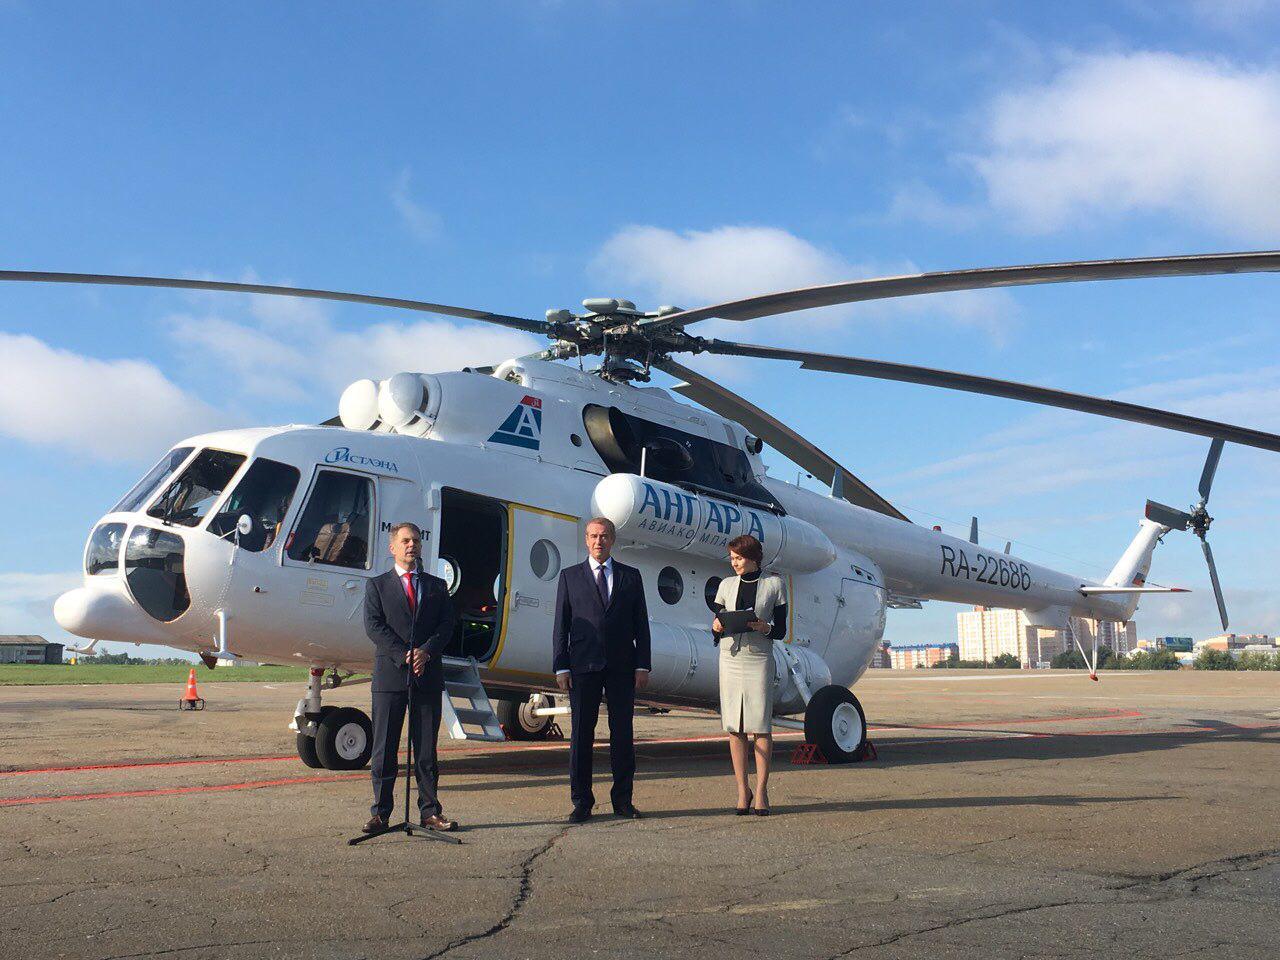 ВИркутской области совершил жесткую посадку вертолет, есть пострадавшие